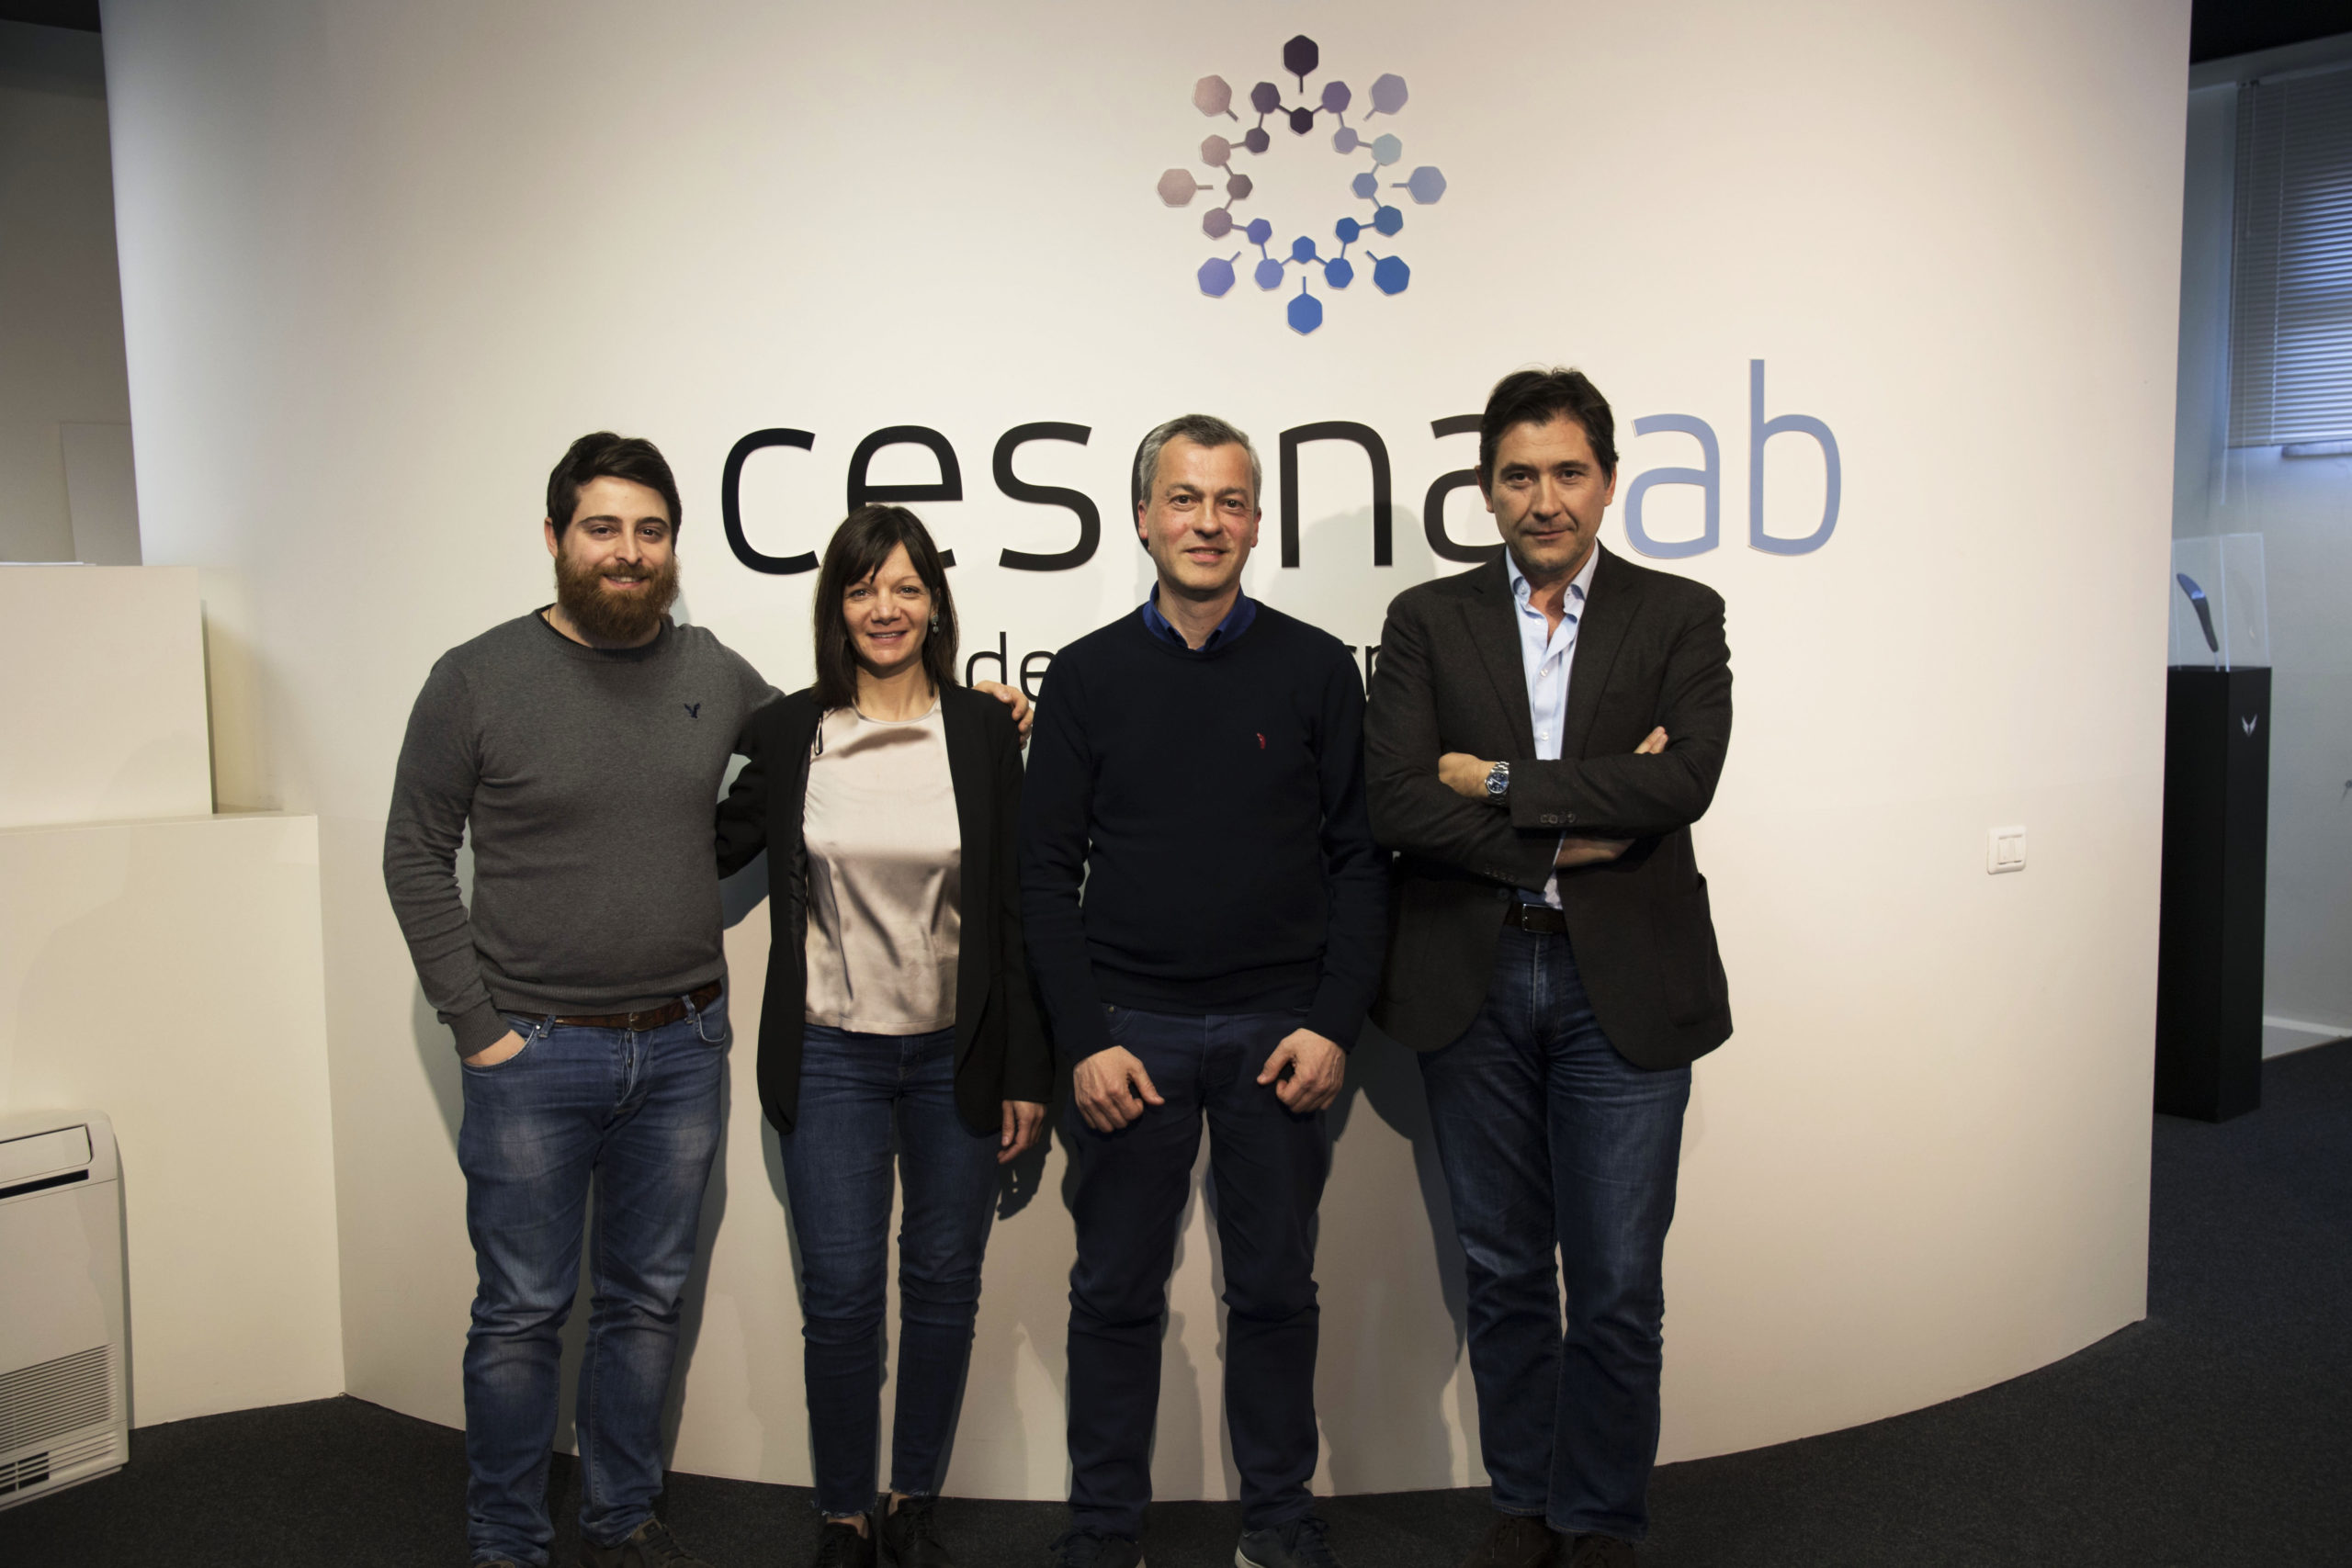 Cesenalab e Nuove Idee Nuove Imprese: la Romagna innovativa che fa rete